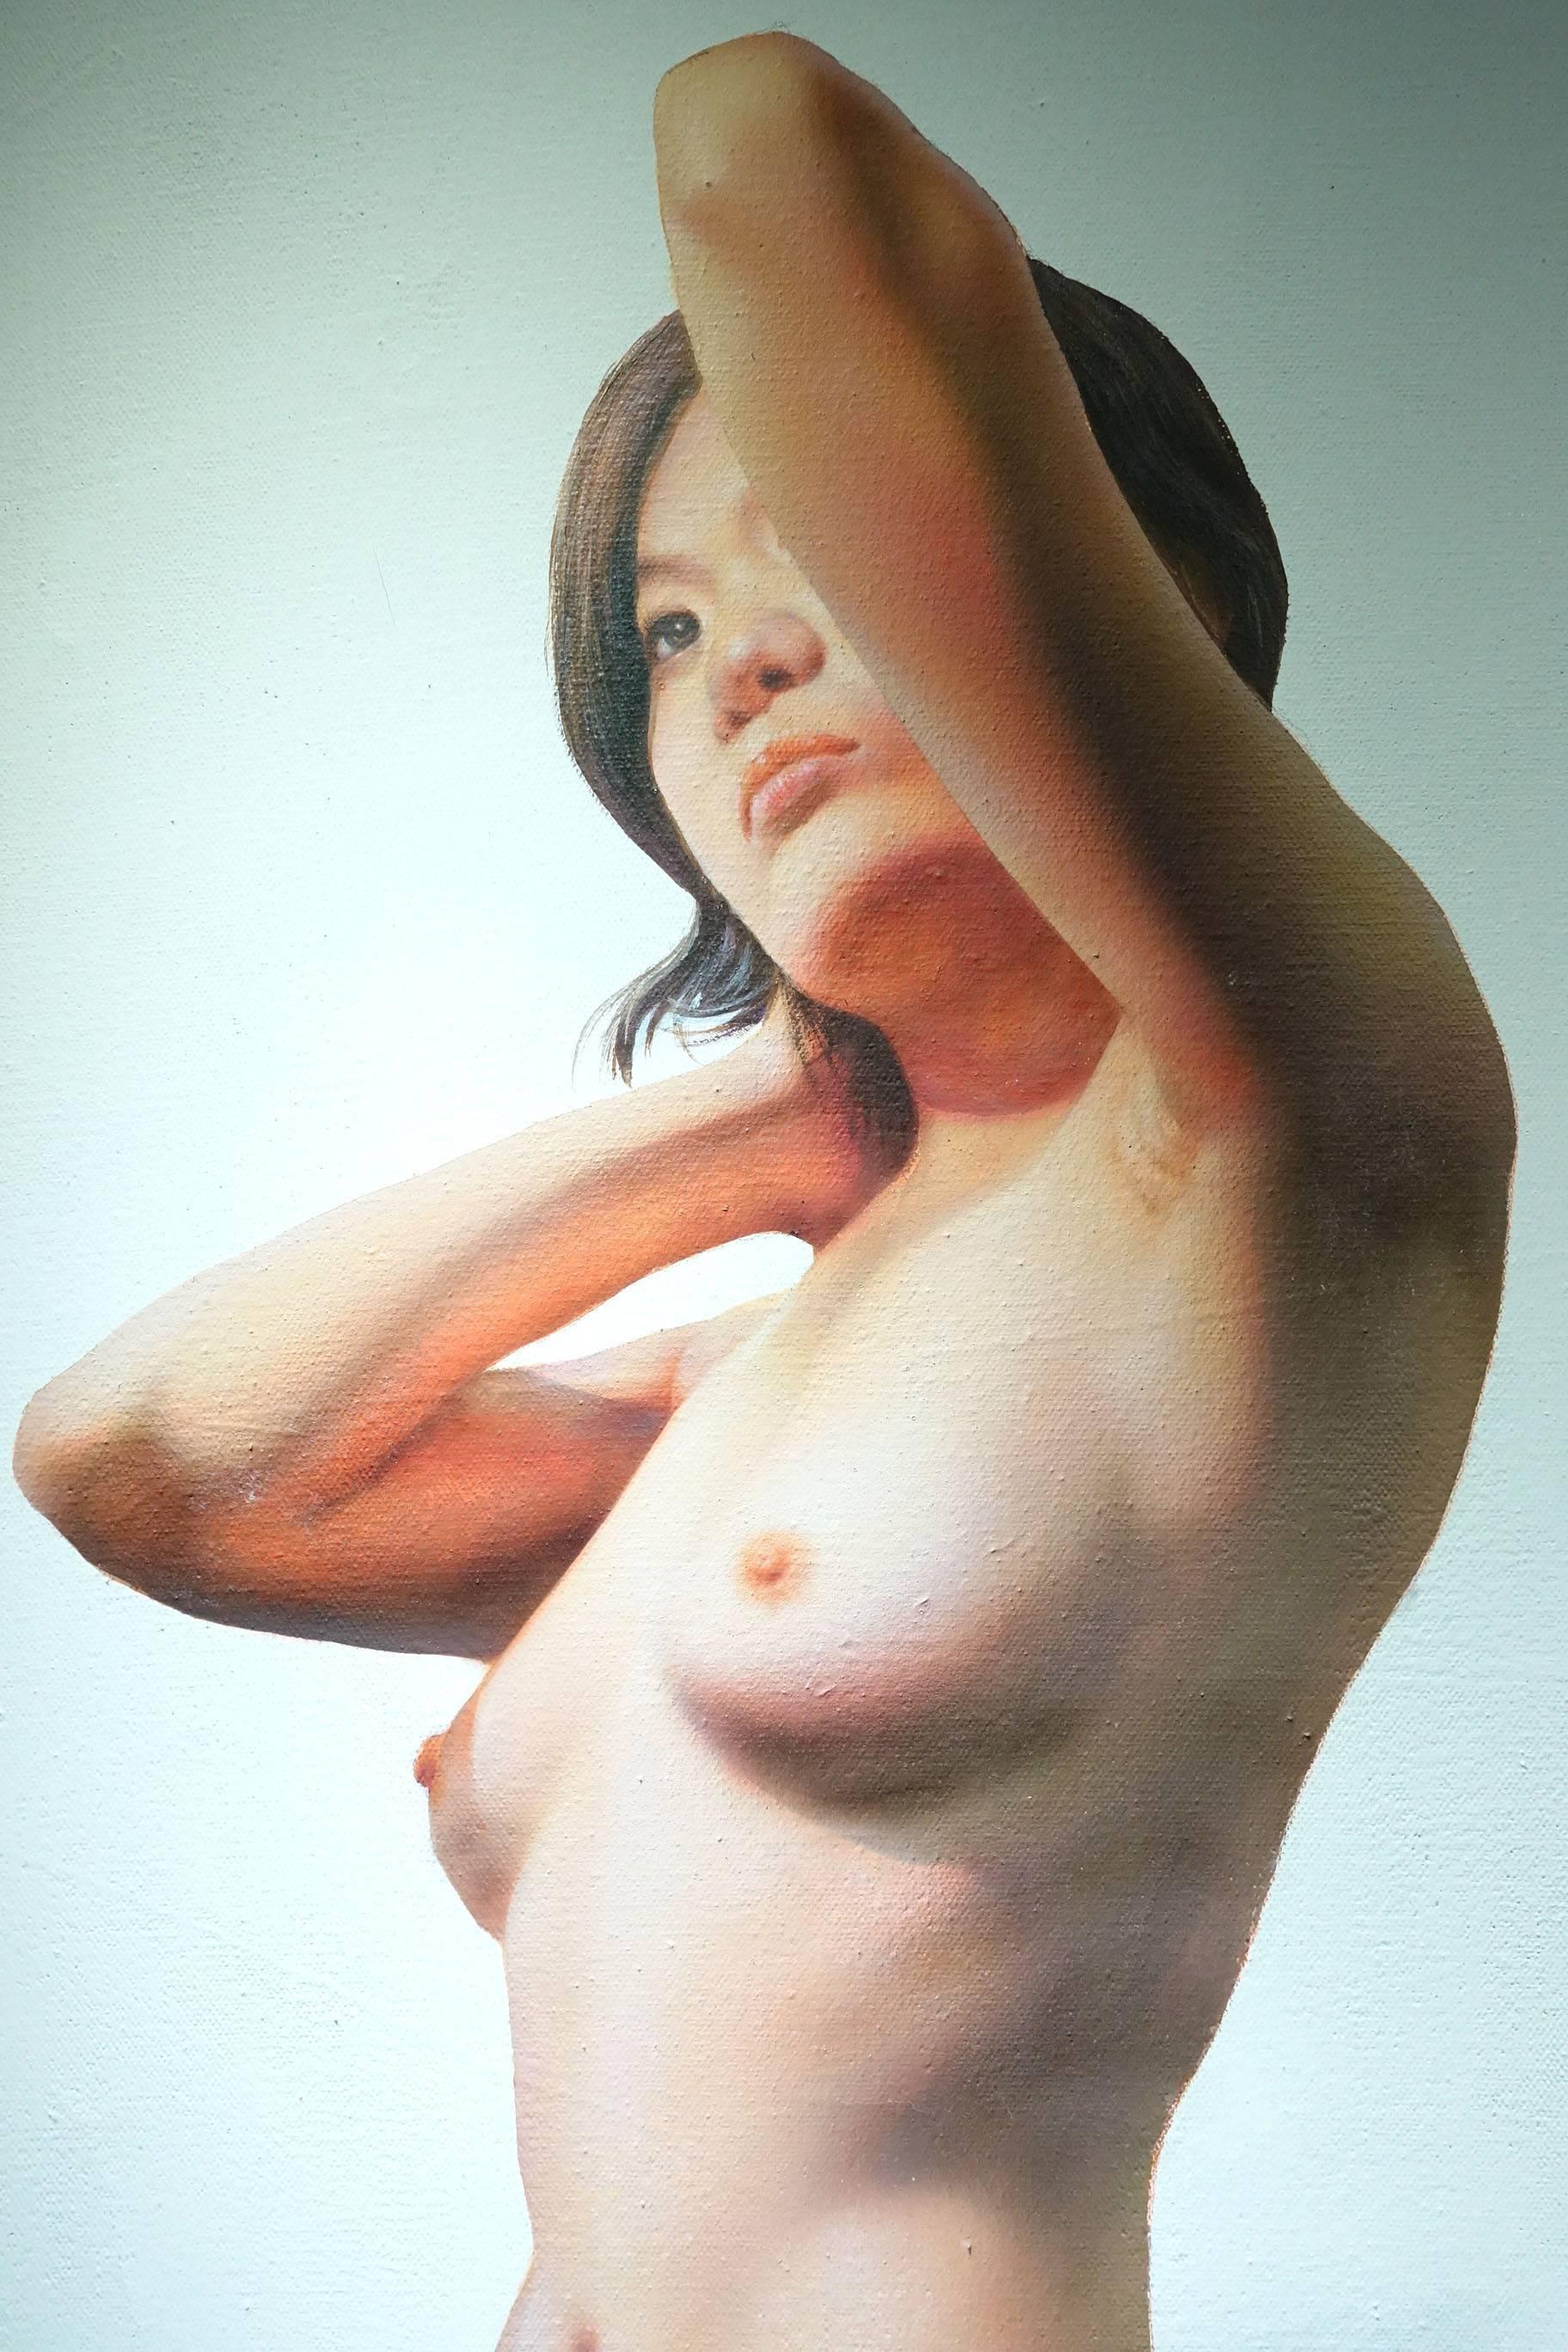 張建雄,《舞臺人生》細節,165 x 143 cm,壓克力,2011。